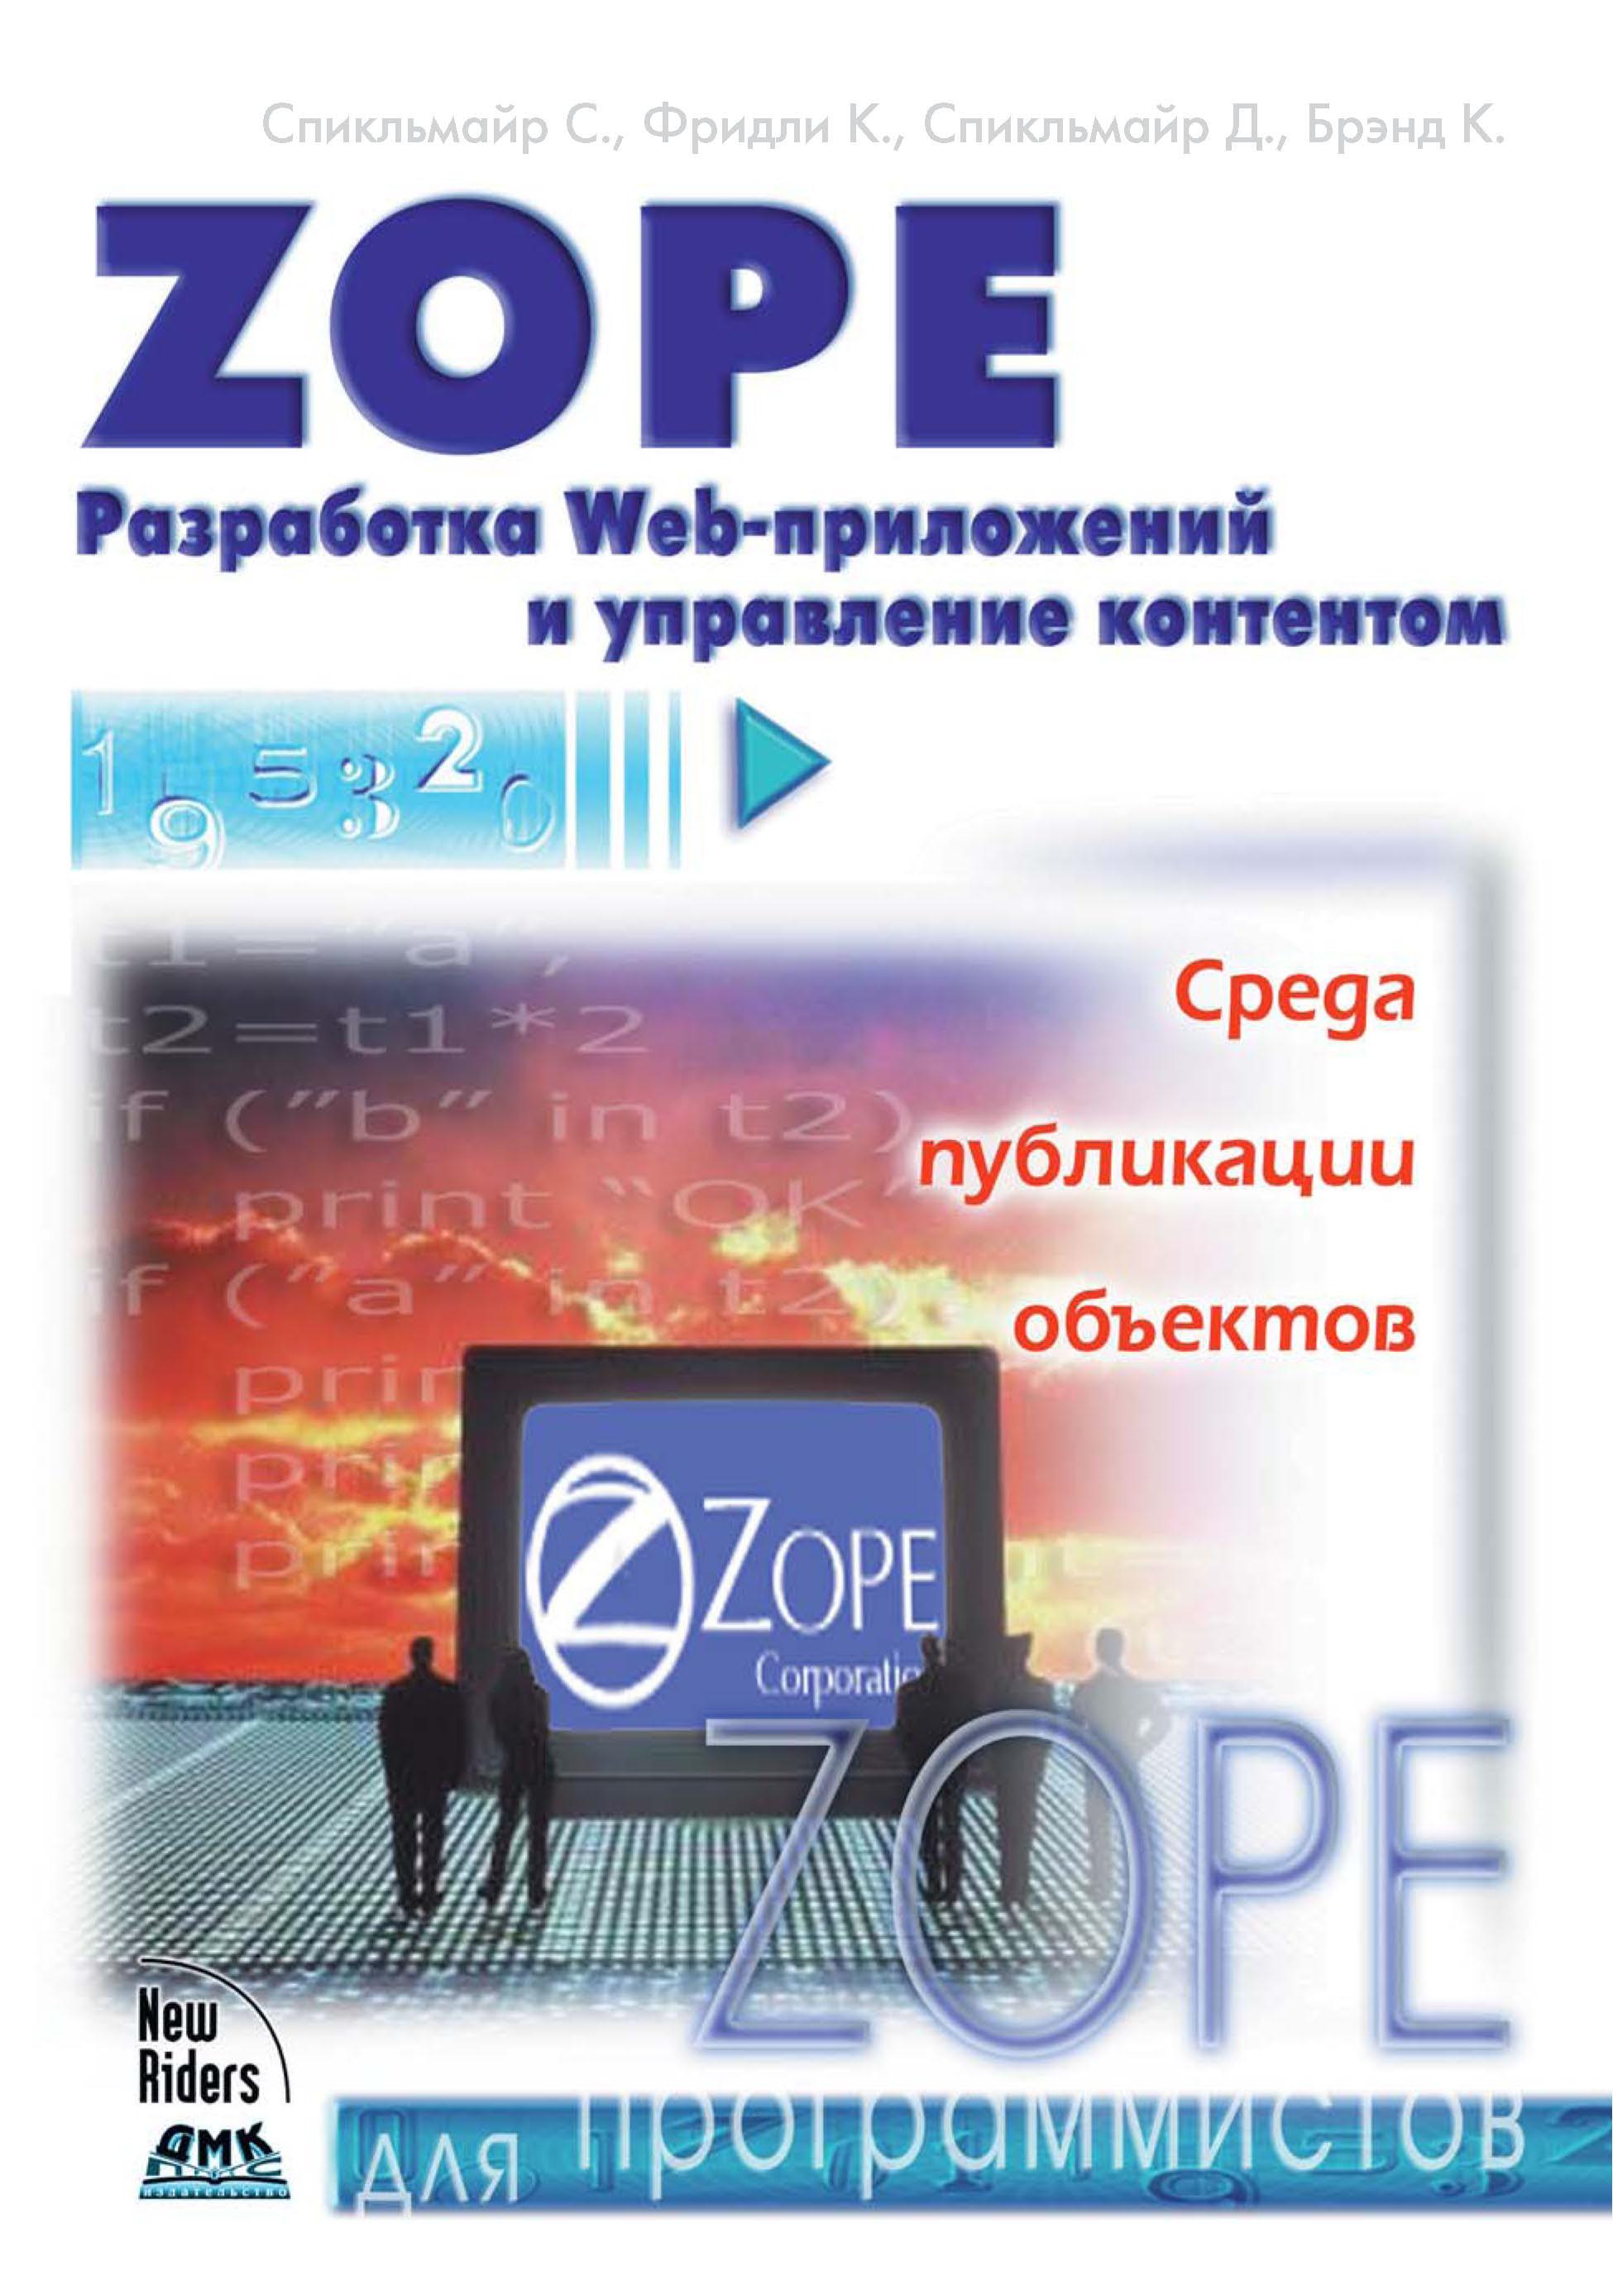 Стив Спикльмайр Zope. Разработка Web-приложений и управление контентом [wamami]22 black